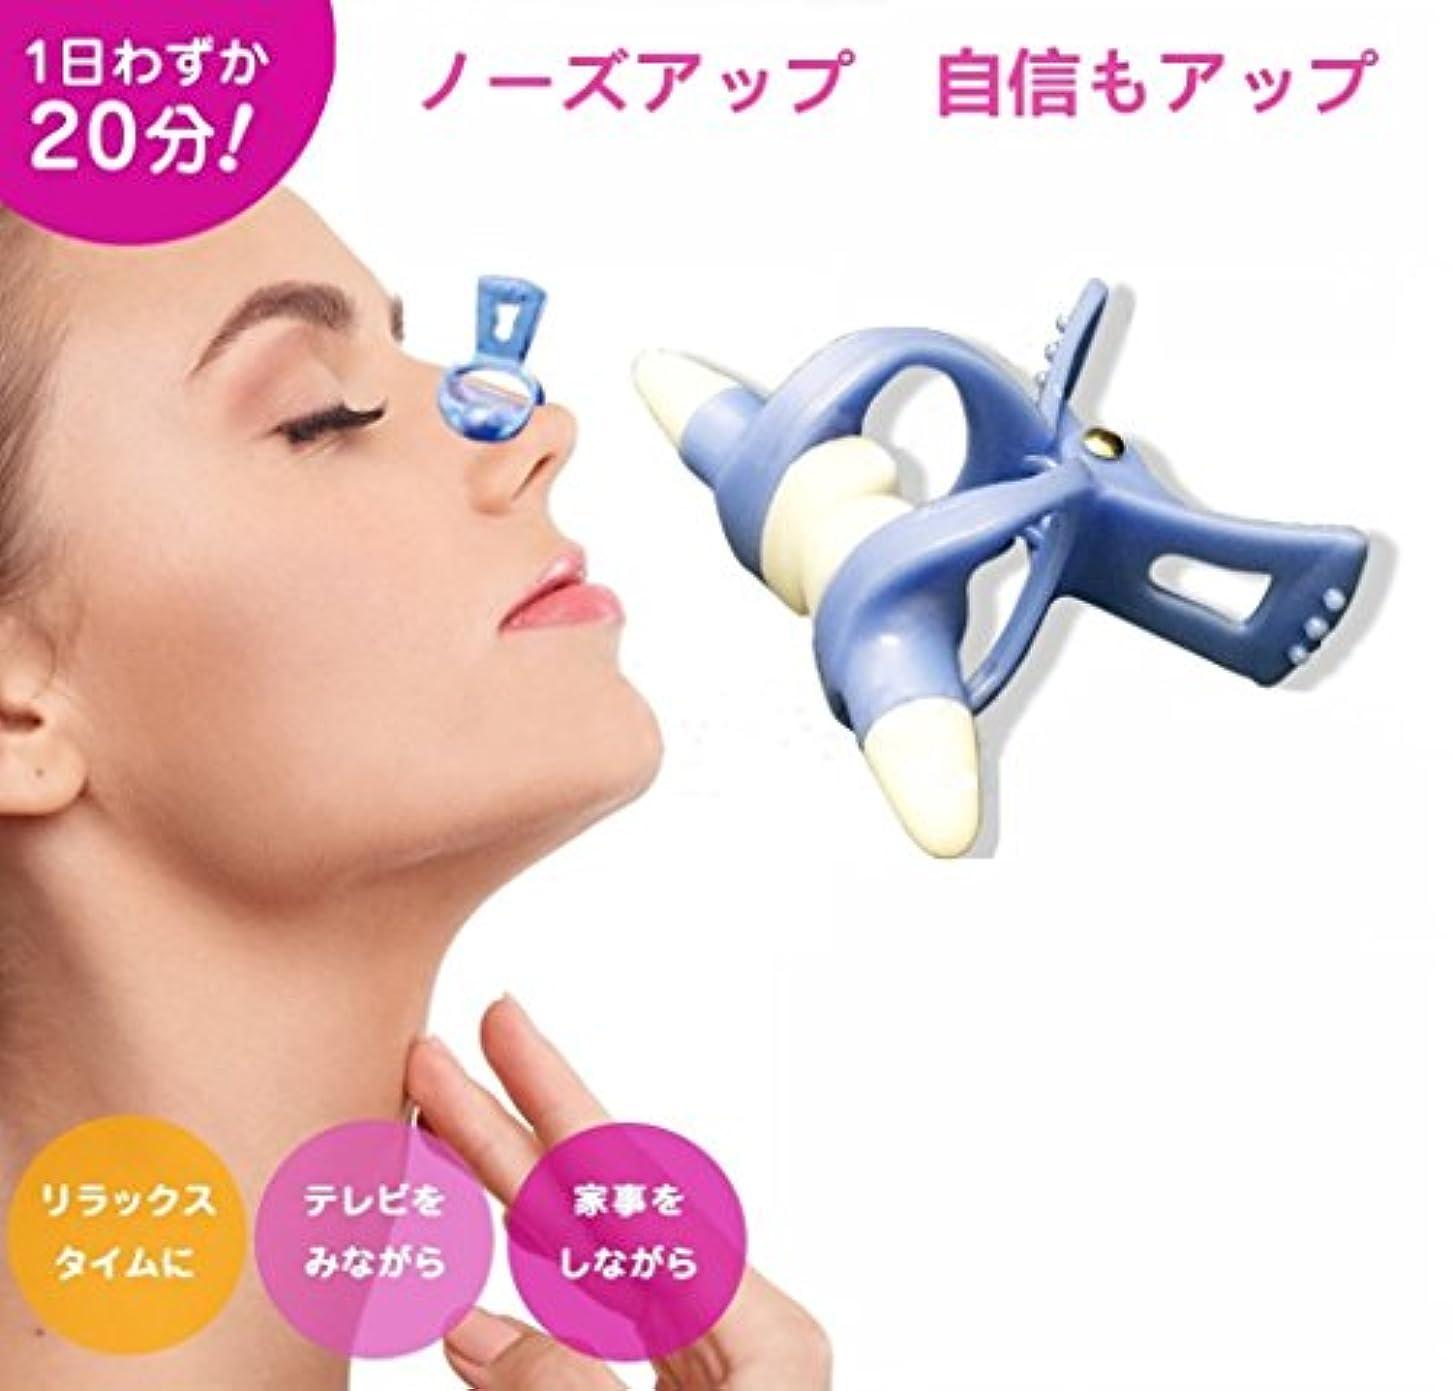 ラグダイバー縞模様のノーズアップ ノーズクリップ Vicona鼻クリップ 美鼻 鼻筋矯正 鼻プチ プチ整形 鼻筋セレブ 抗菌シリコンで  柔らか素材で痛くない 肌にやさしい